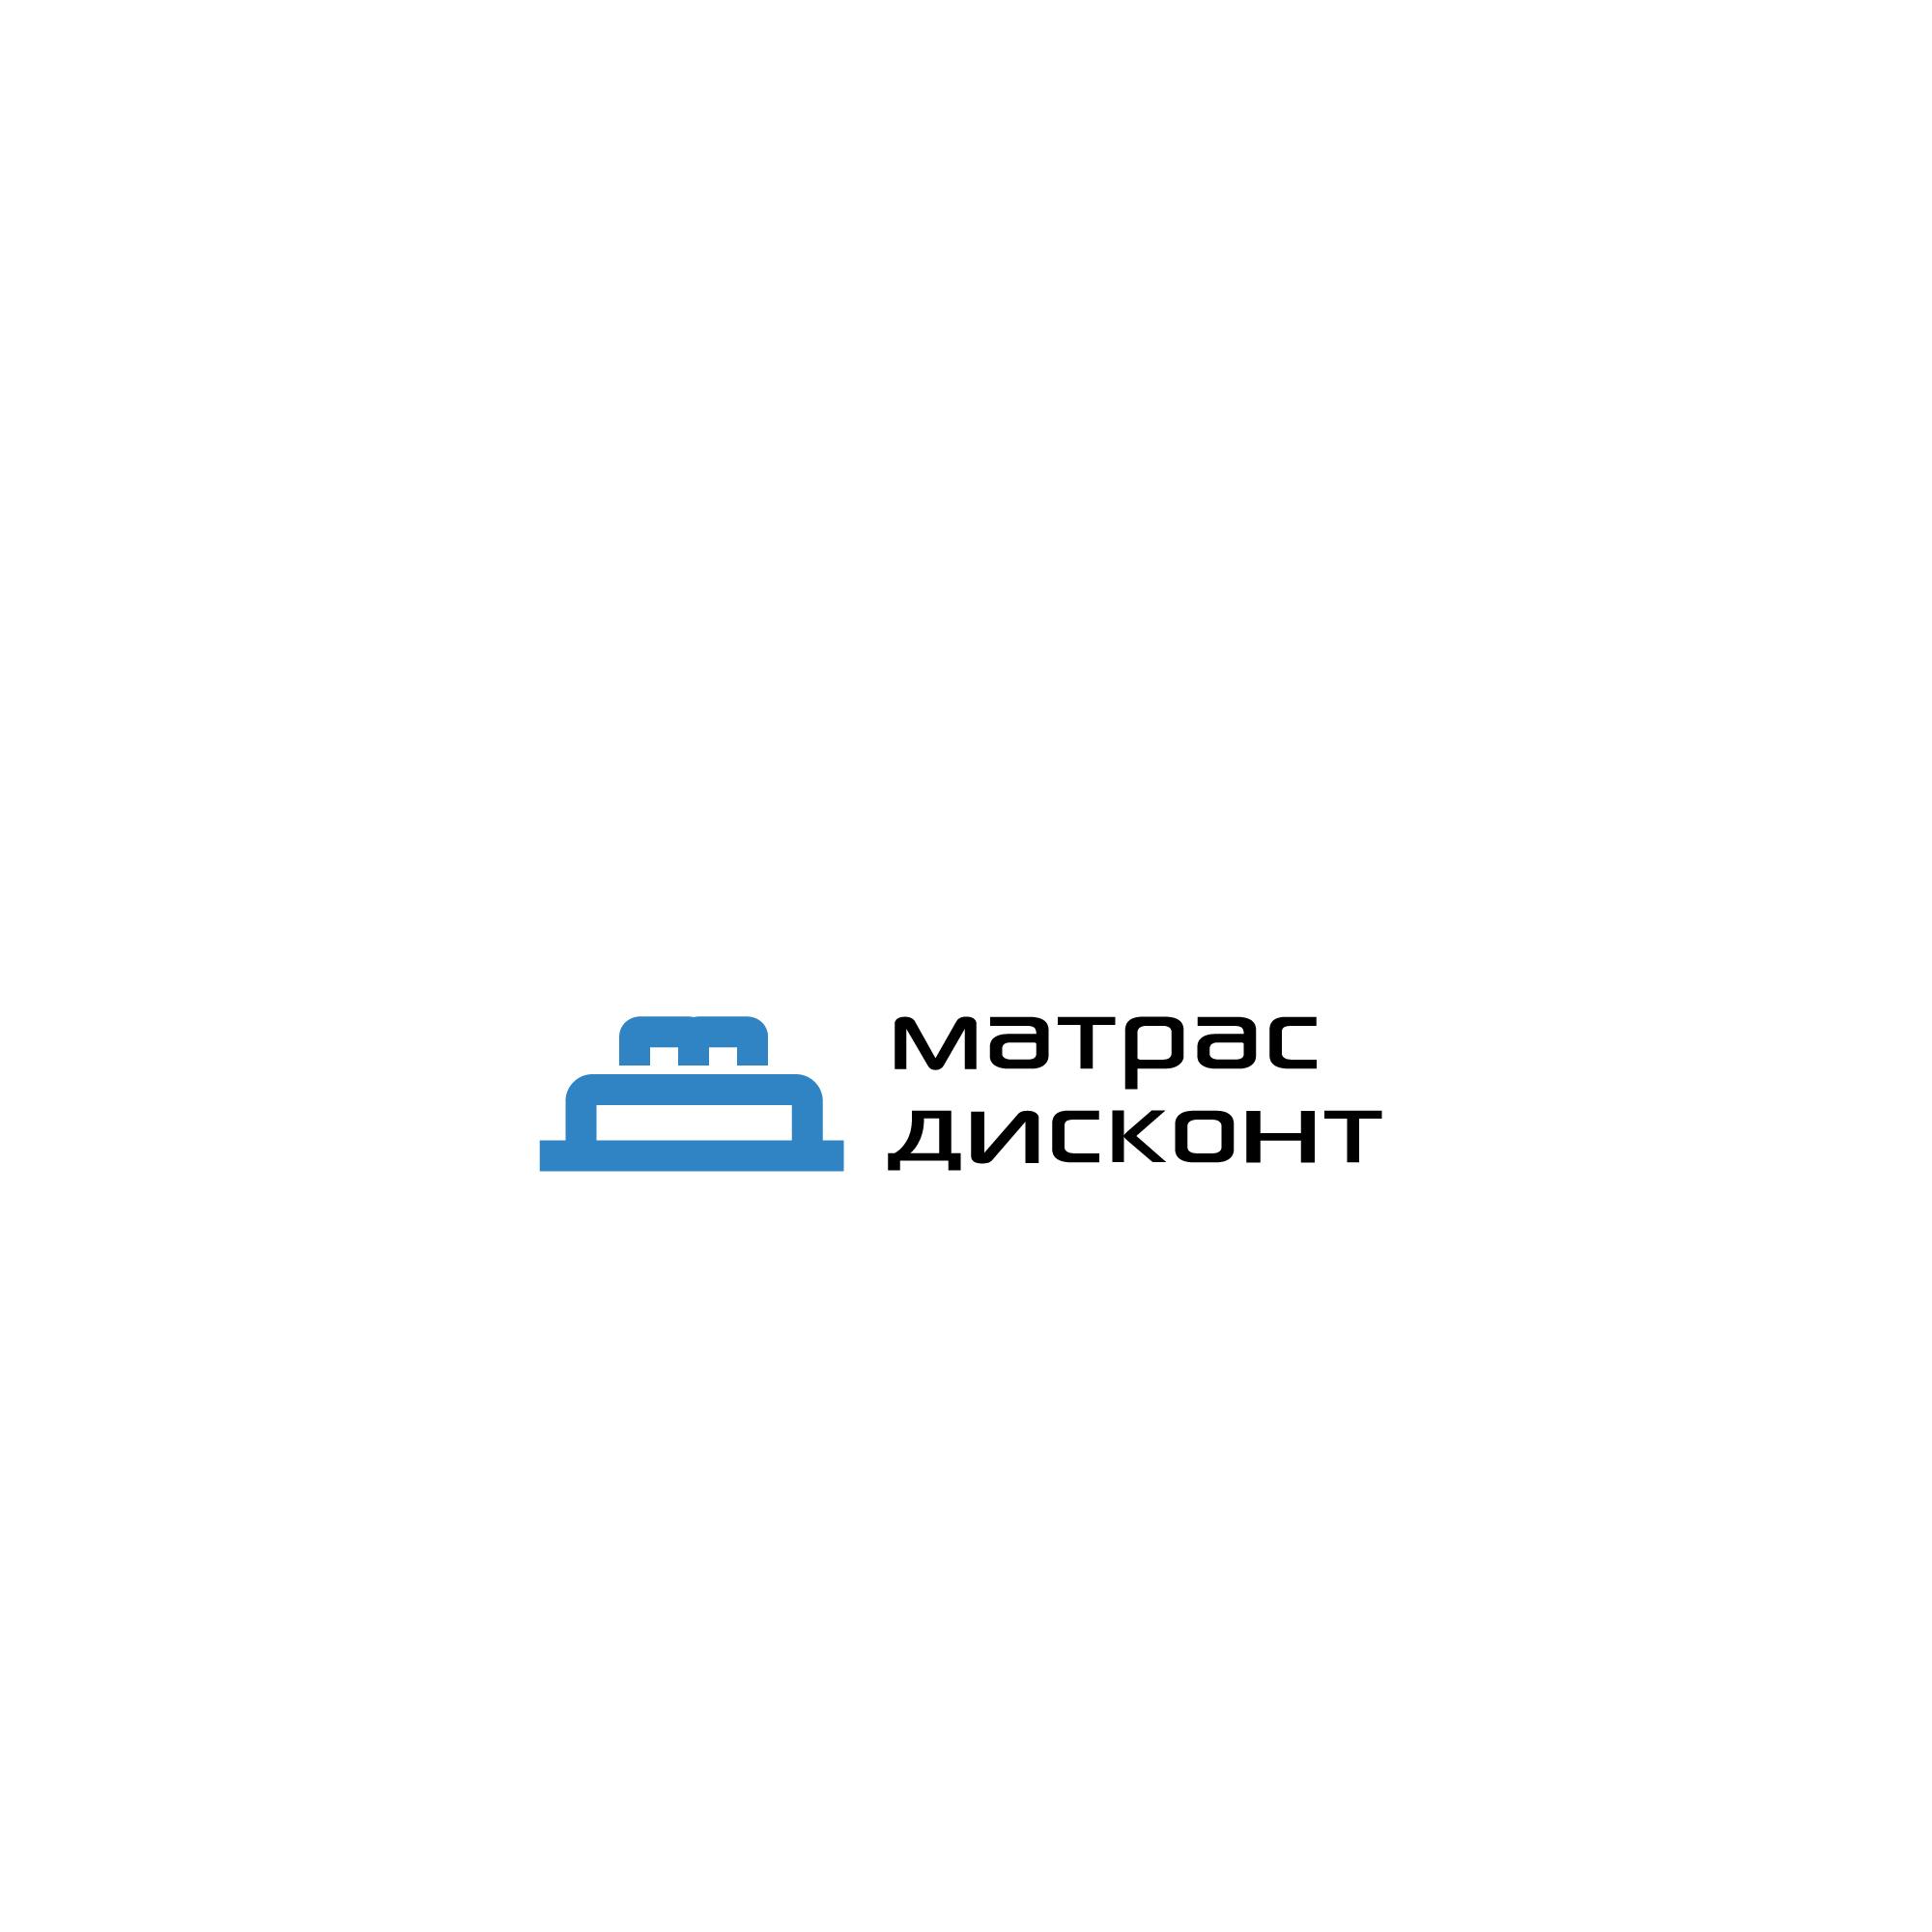 Логотип для ИМ матрасов фото f_4065c868f73887a0.jpg